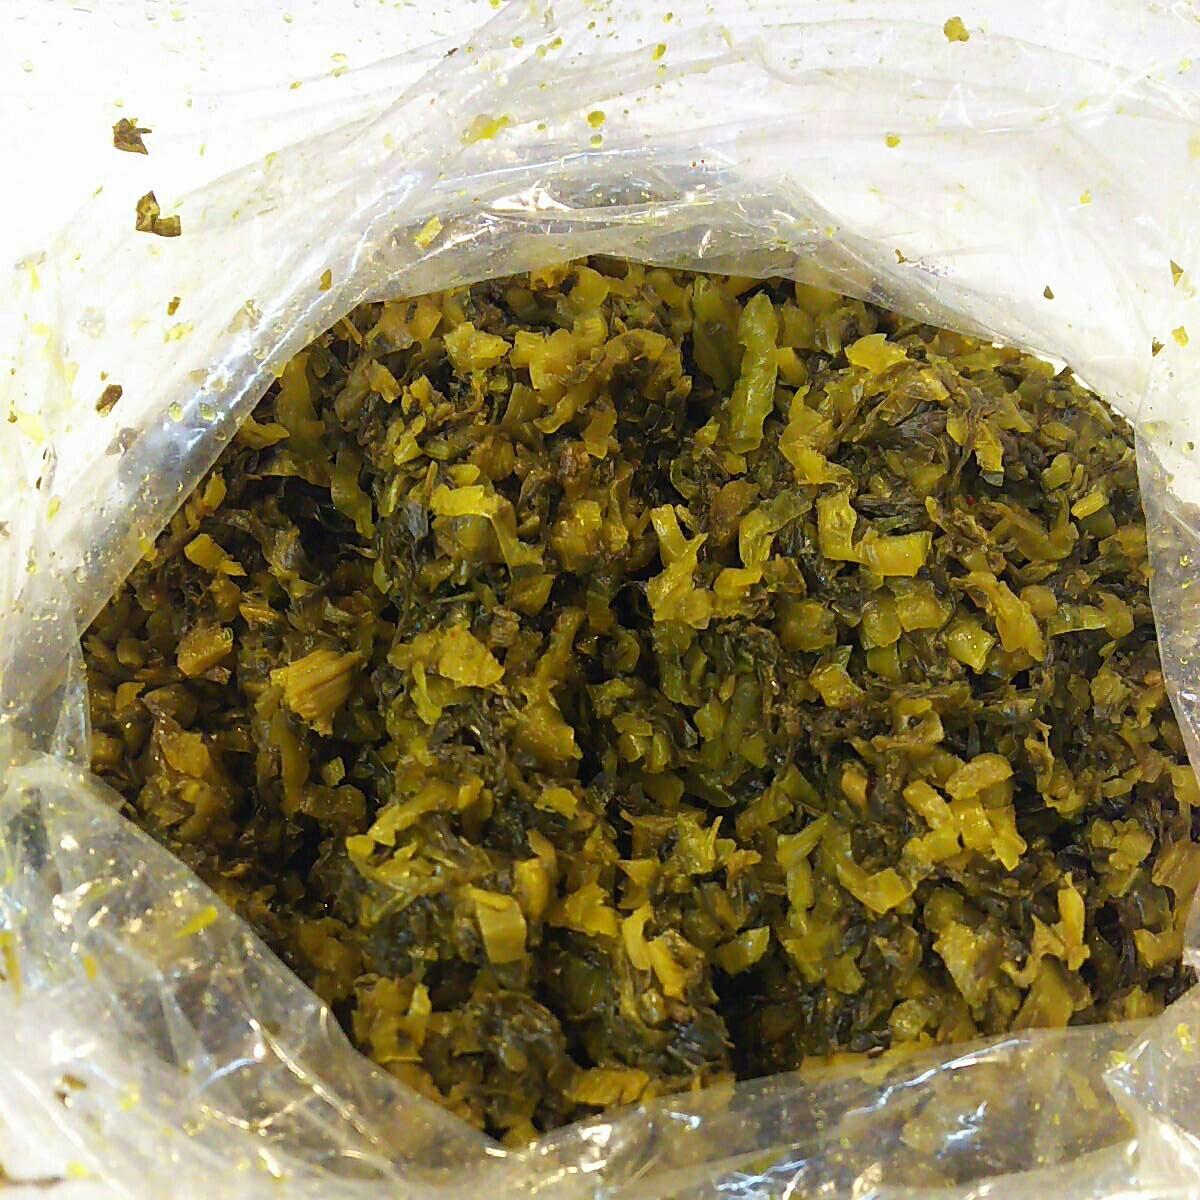 国産きざみ高菜2.3キロ一袋。高菜のしょうゆ漬けをきざんでます。漬けもの、高菜チャ-ハンにどうぞ!